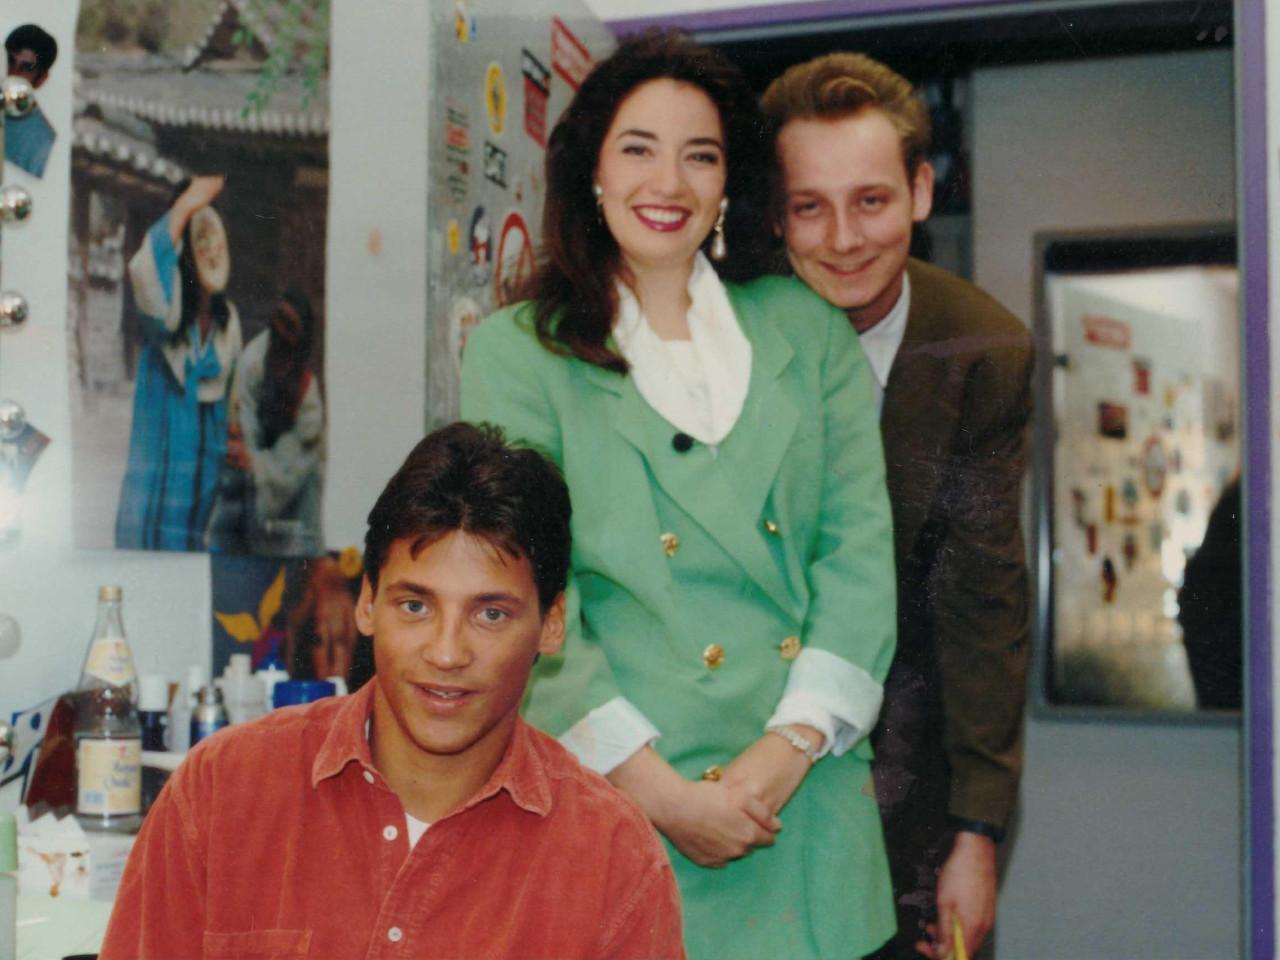 Jungredakteur Oliver Gäbel mit Sat.1 Wetterfee Corinna Wolters und TV-Star Patrick Bach (1992)